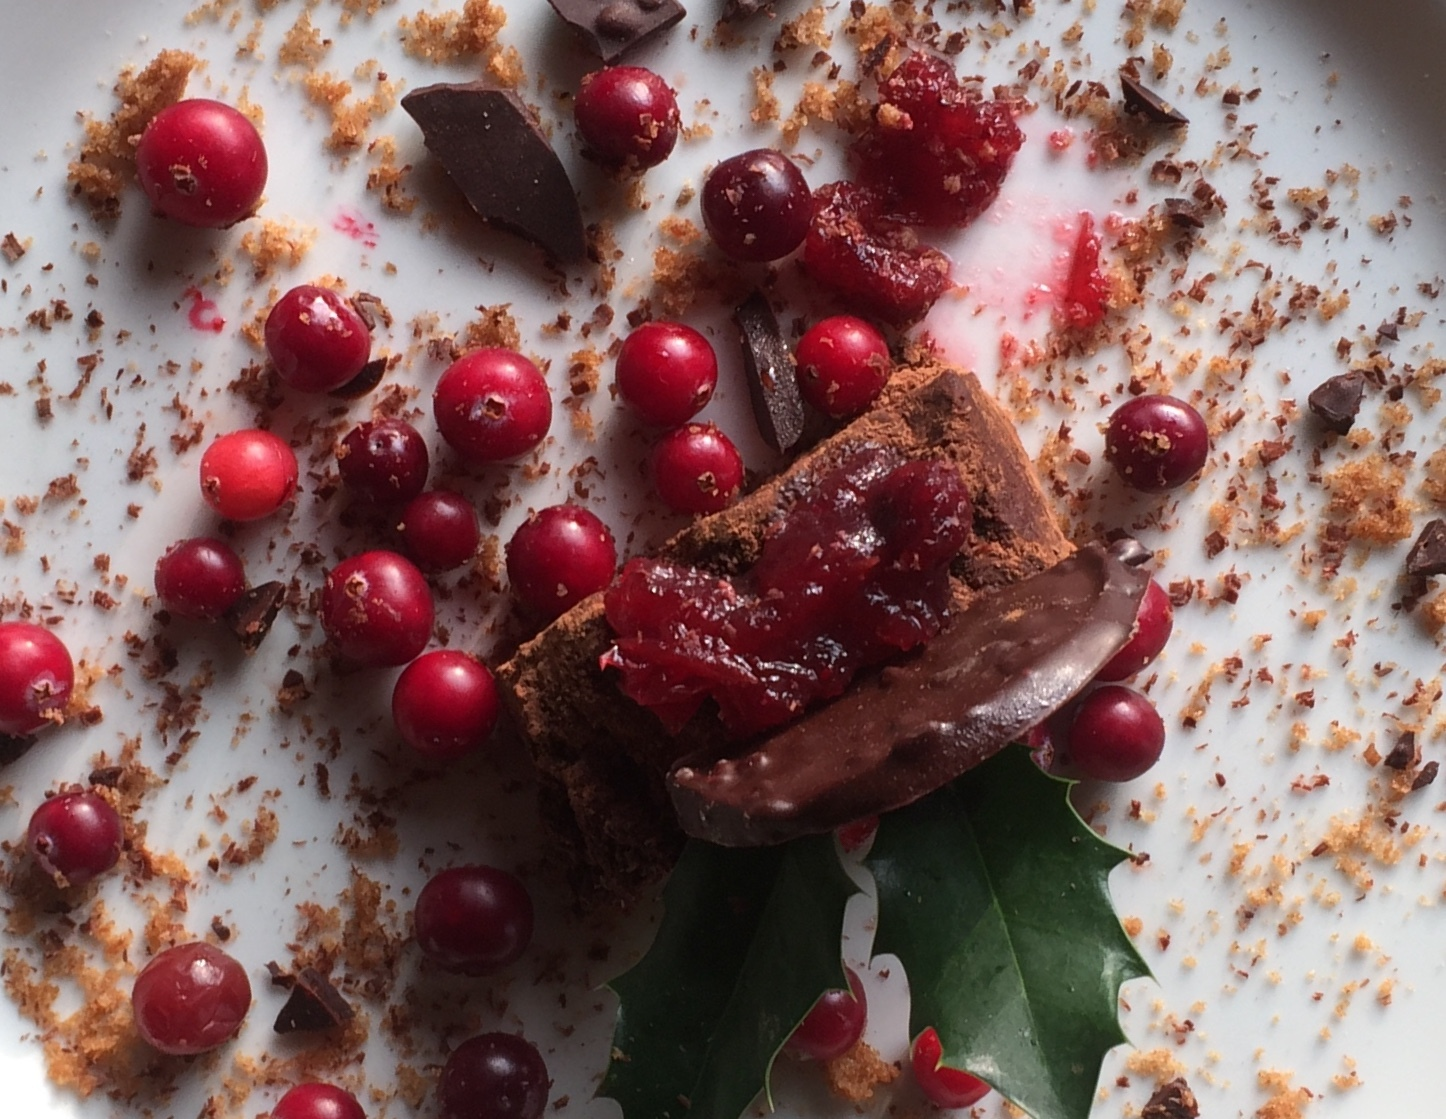 Chocolade kersttaartje VVV Texel Fotograaf Annette van Ruitenburg 2